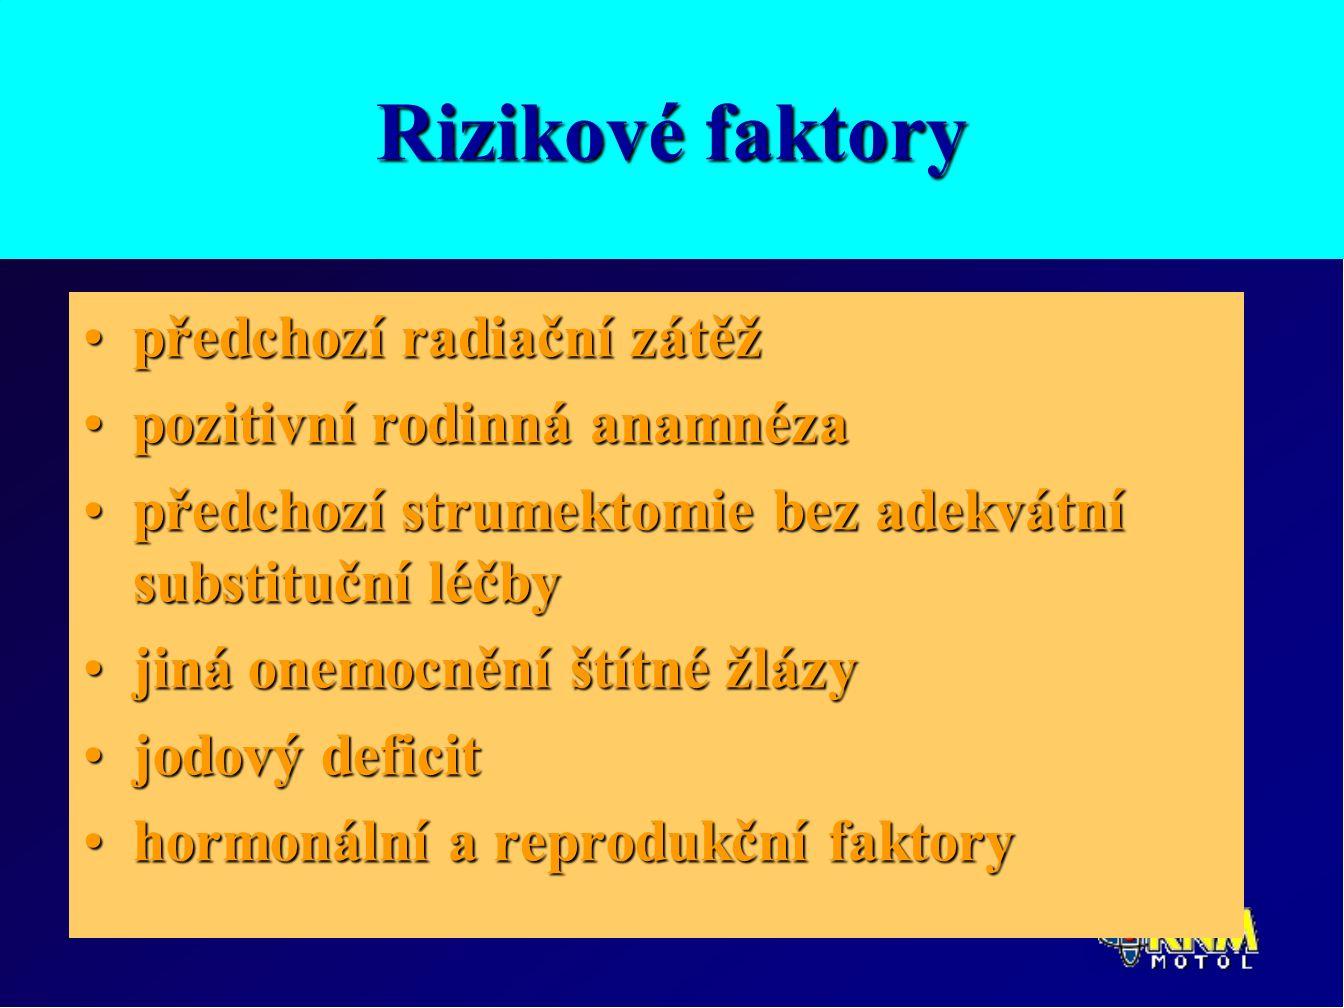 Rizikové faktory předchozí radiační zátěžpředchozí radiační zátěž pozitivní rodinná anamnézapozitivní rodinná anamnéza předchozí strumektomie bez adekvátní substituční léčbypředchozí strumektomie bez adekvátní substituční léčby jiná onemocnění štítné žlázyjiná onemocnění štítné žlázy jodový deficitjodový deficit hormonální a reprodukční faktoryhormonální a reprodukční faktory